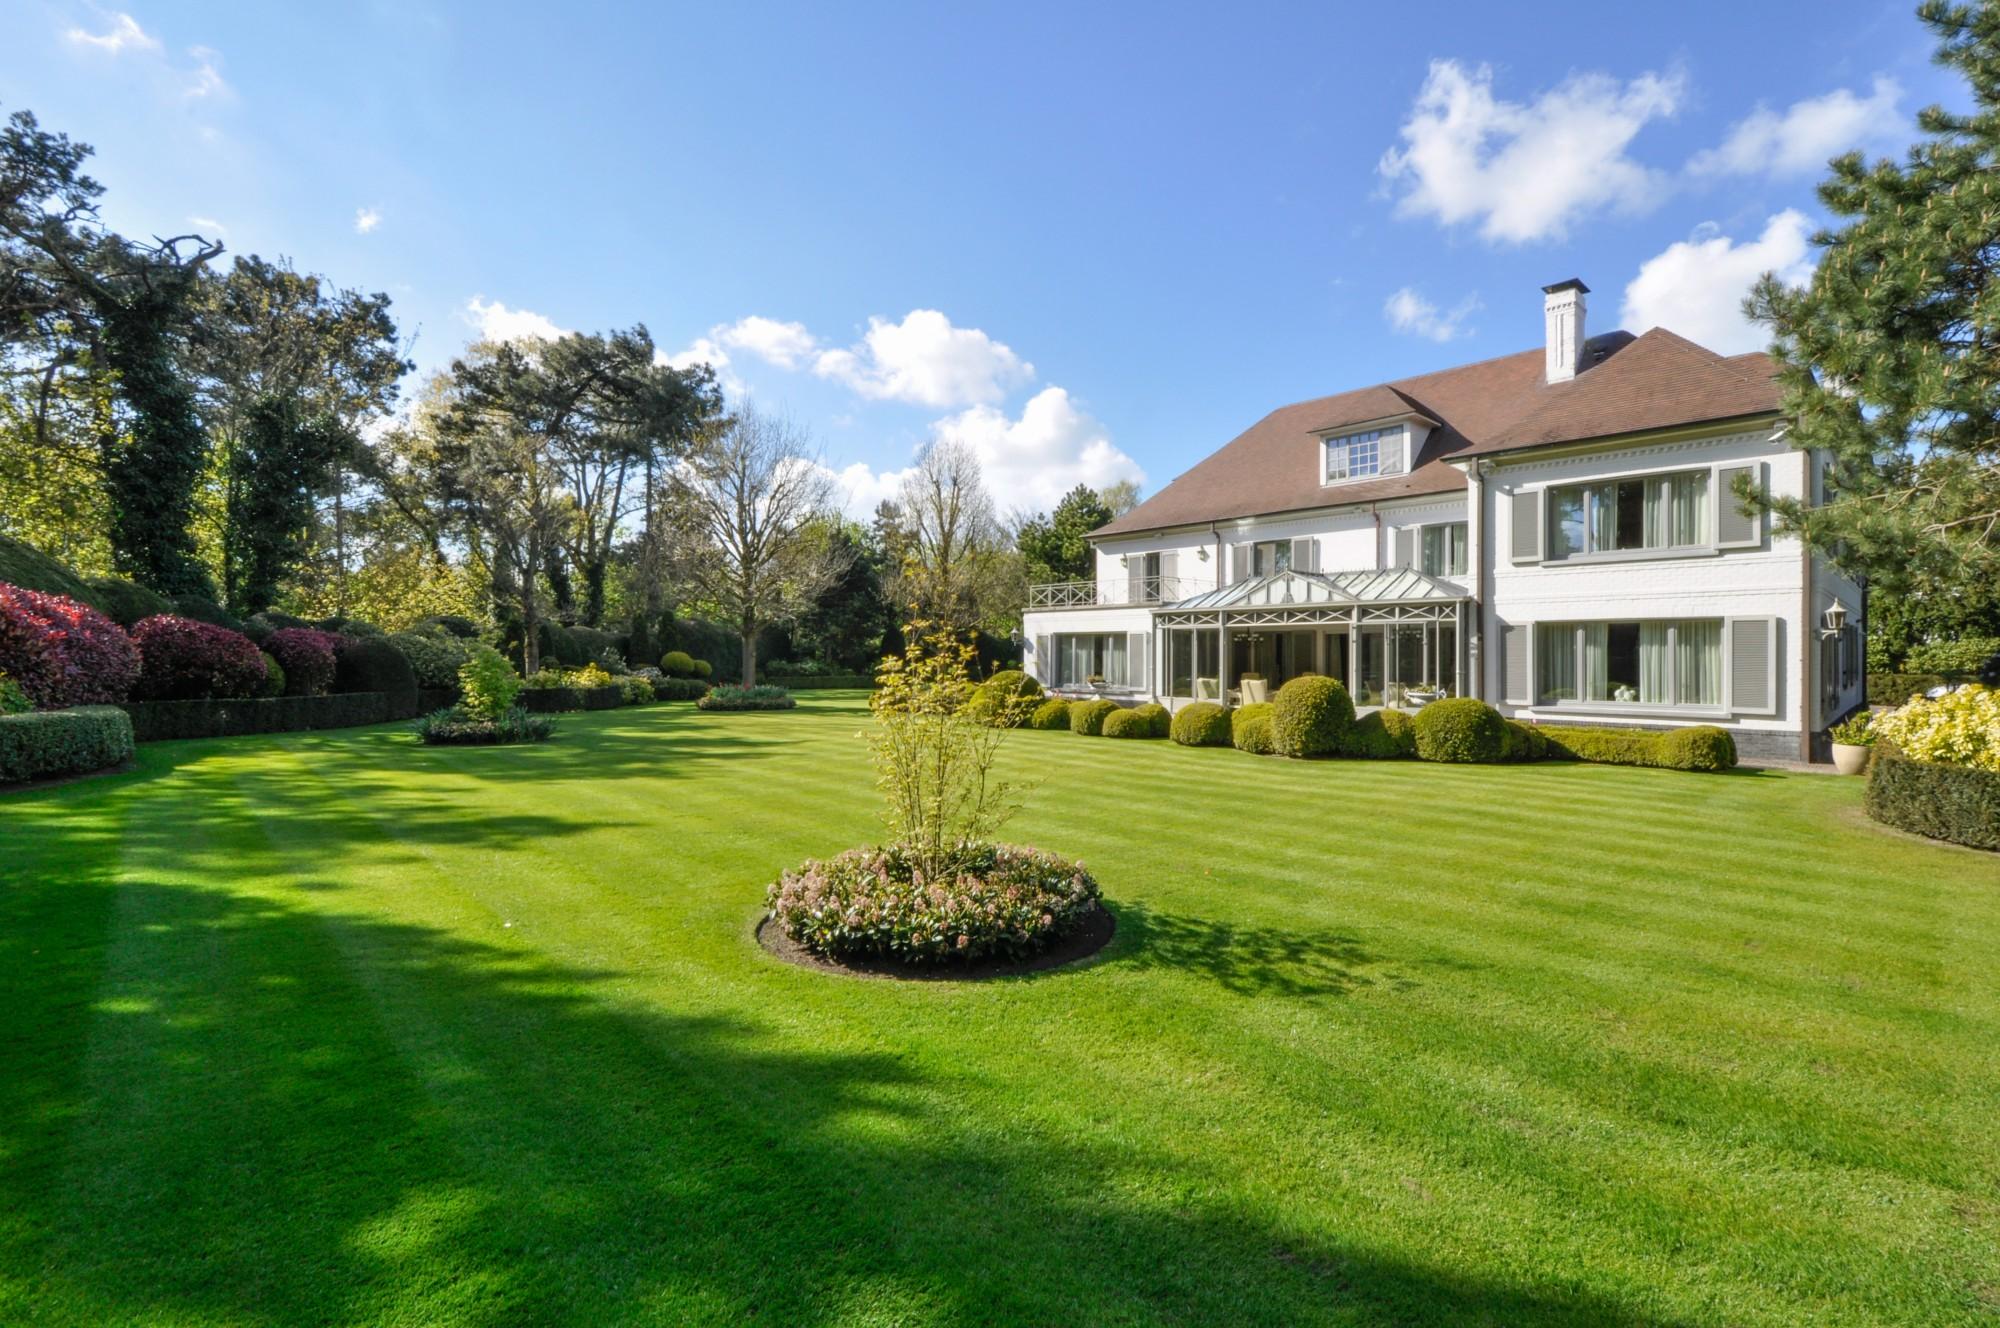 Vente Villa 4+ CH Knokke-Zoute - Royal Zoute Golf Club